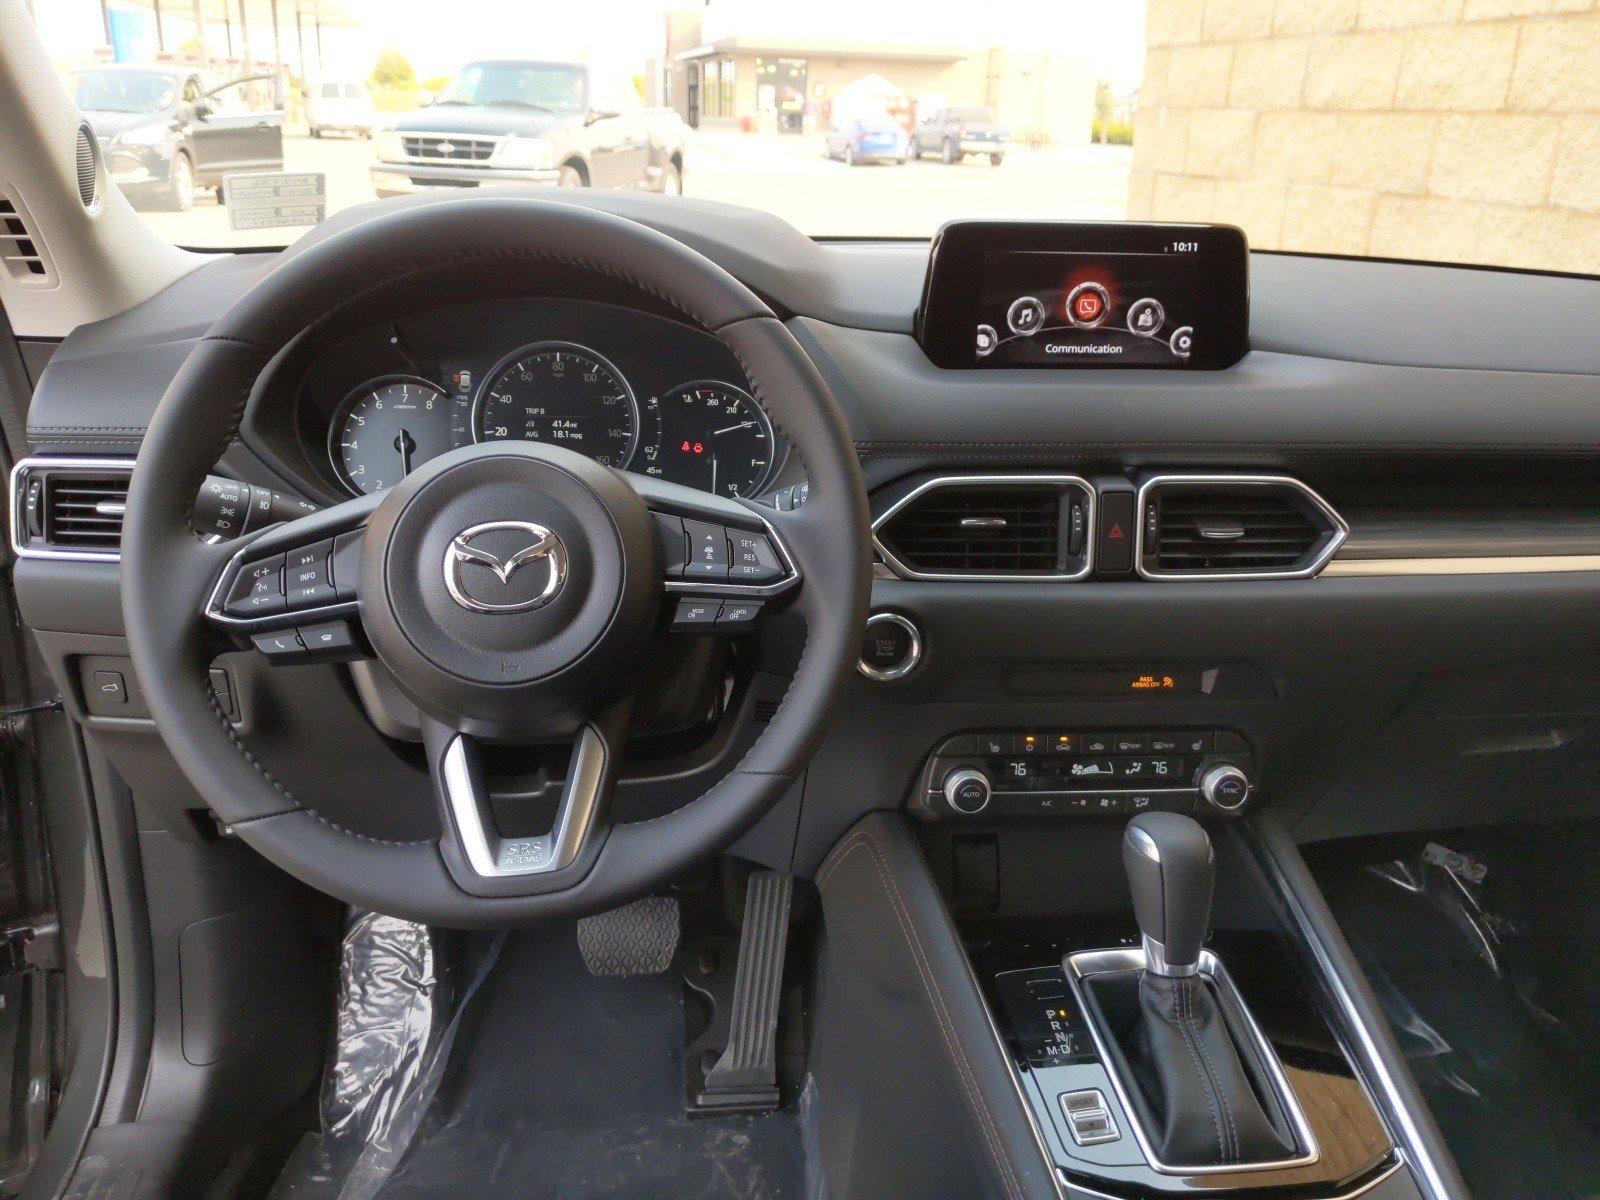 New 2020 Mazda CX-5 Grand Touring Sport Utility for sale in Lincoln NE